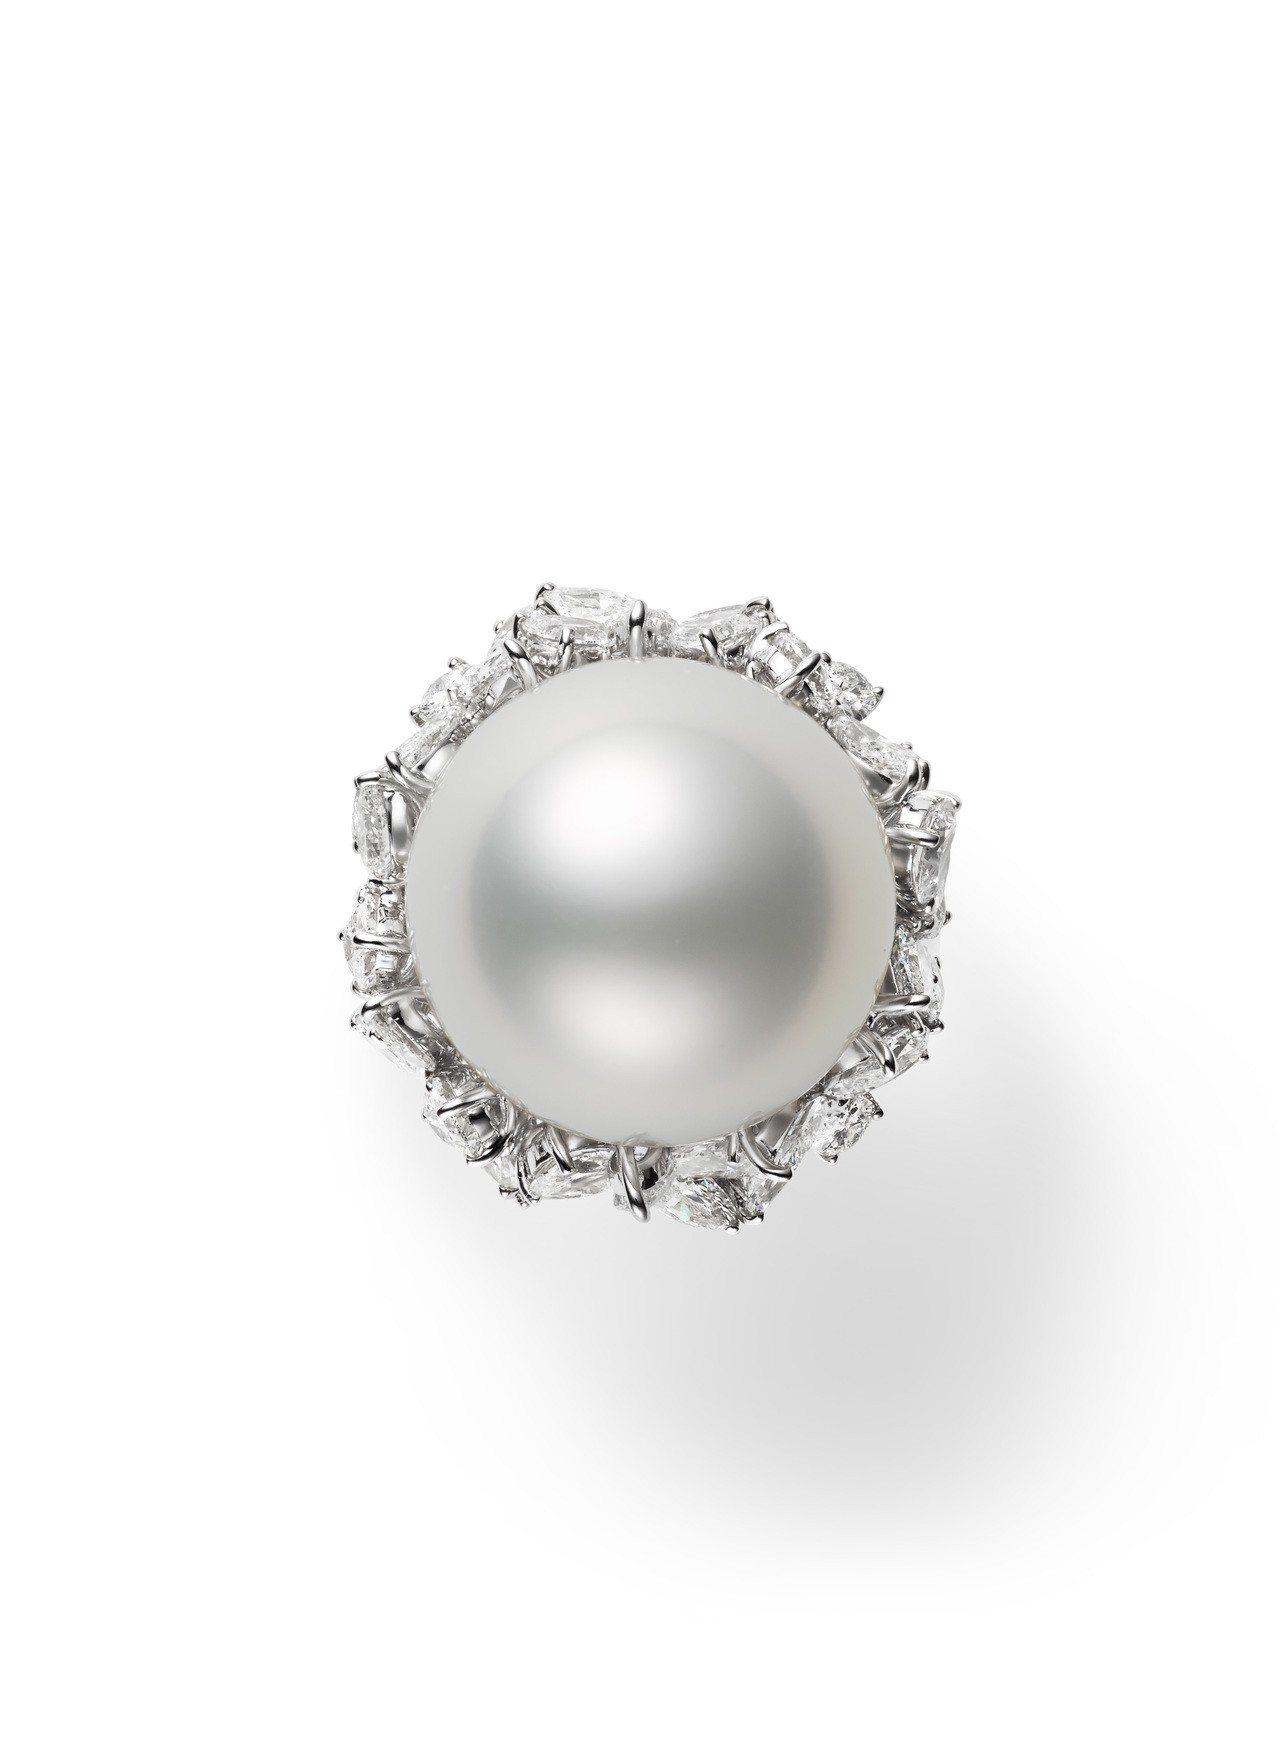 MIKIMOTO Praise to Nature頂級珠寶系列南洋珍珠鑽石鉑金戒...